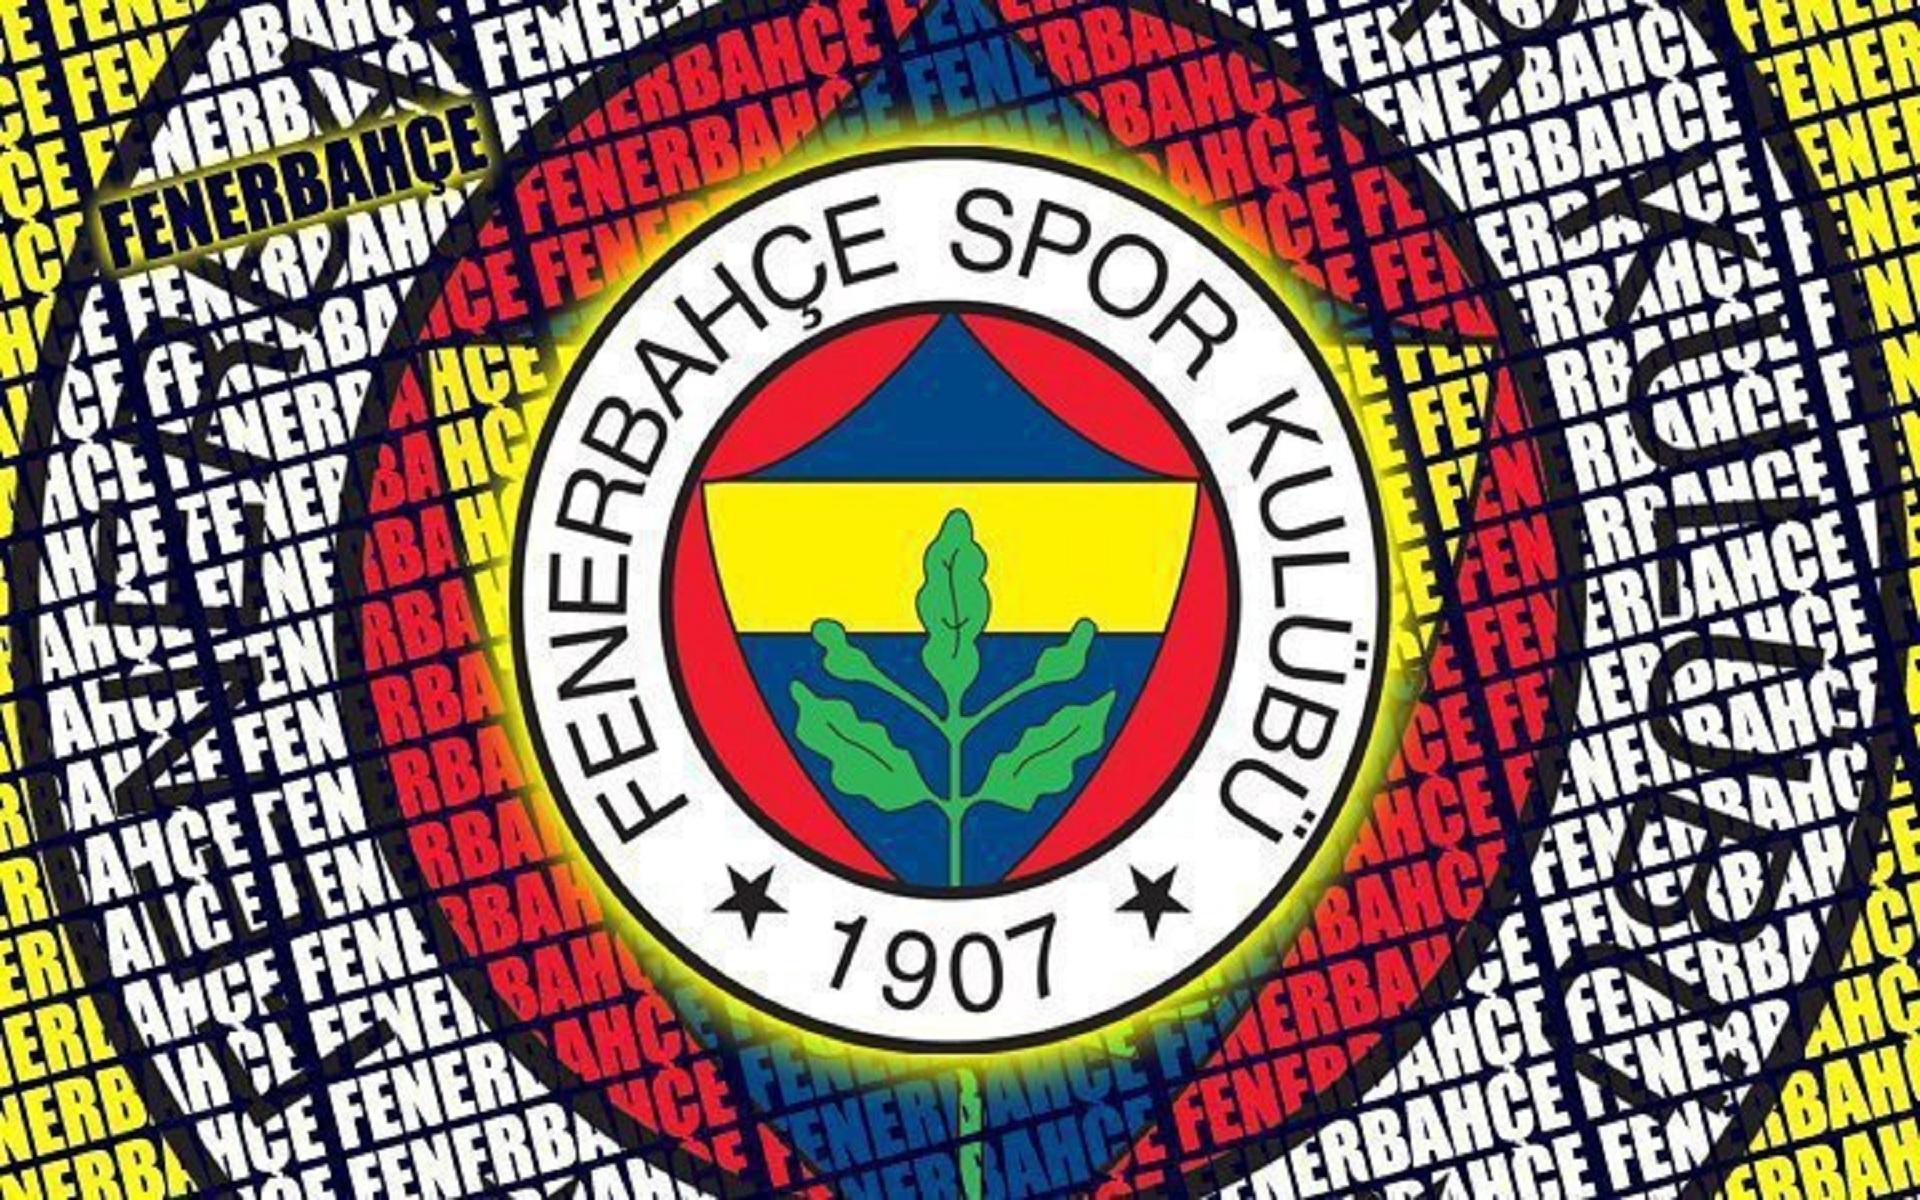 Fenerbahçe Müzesi'nden hırsızlık girişimi davasında karar